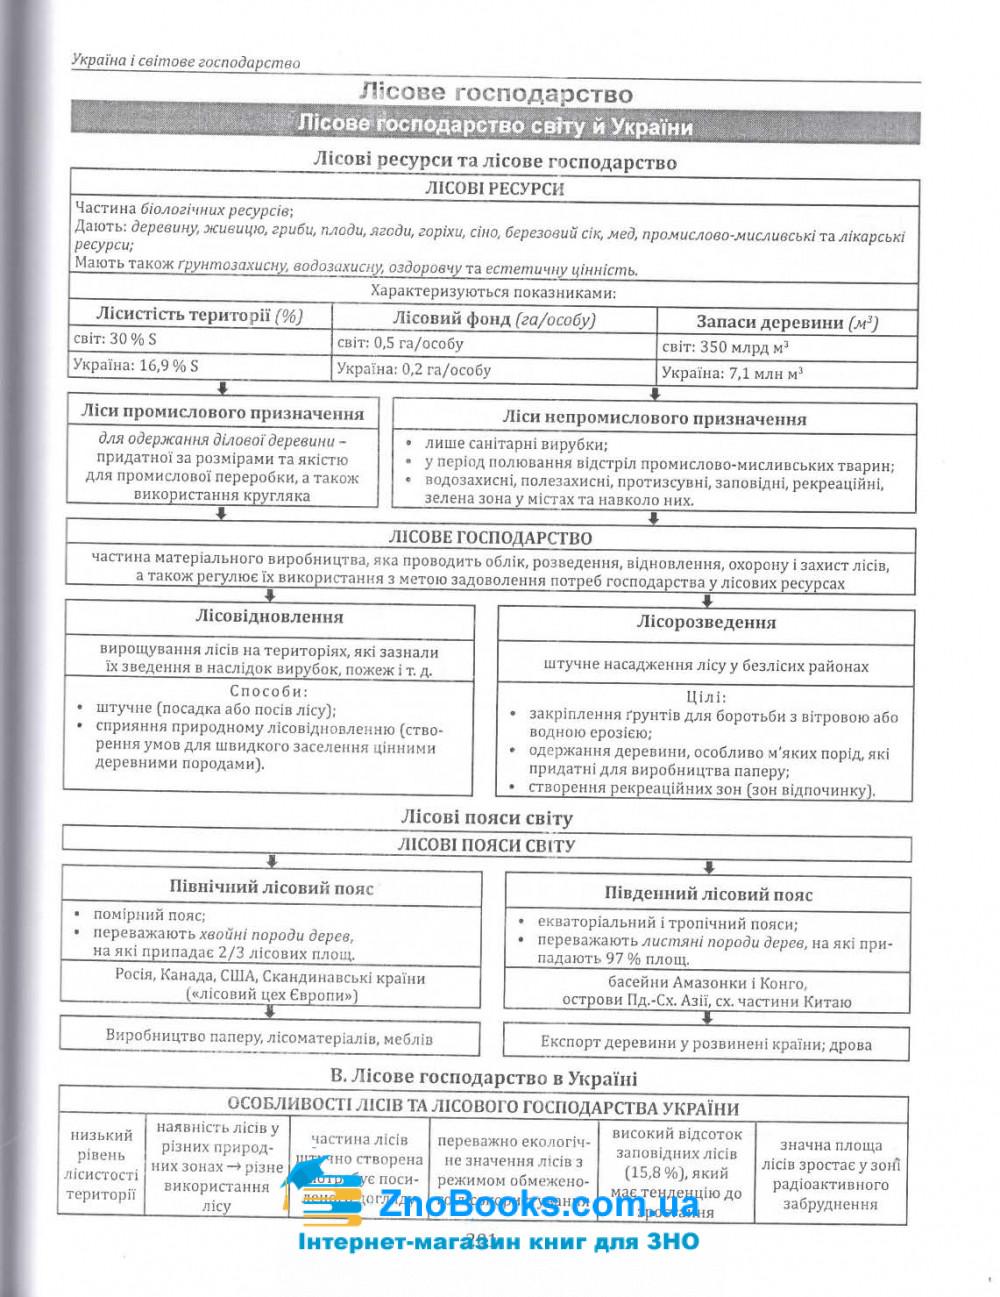 Опорні схеми, таблиці та картосхеми з географії до ЗНО : Кобернік С., Коваленко Р. купити 10